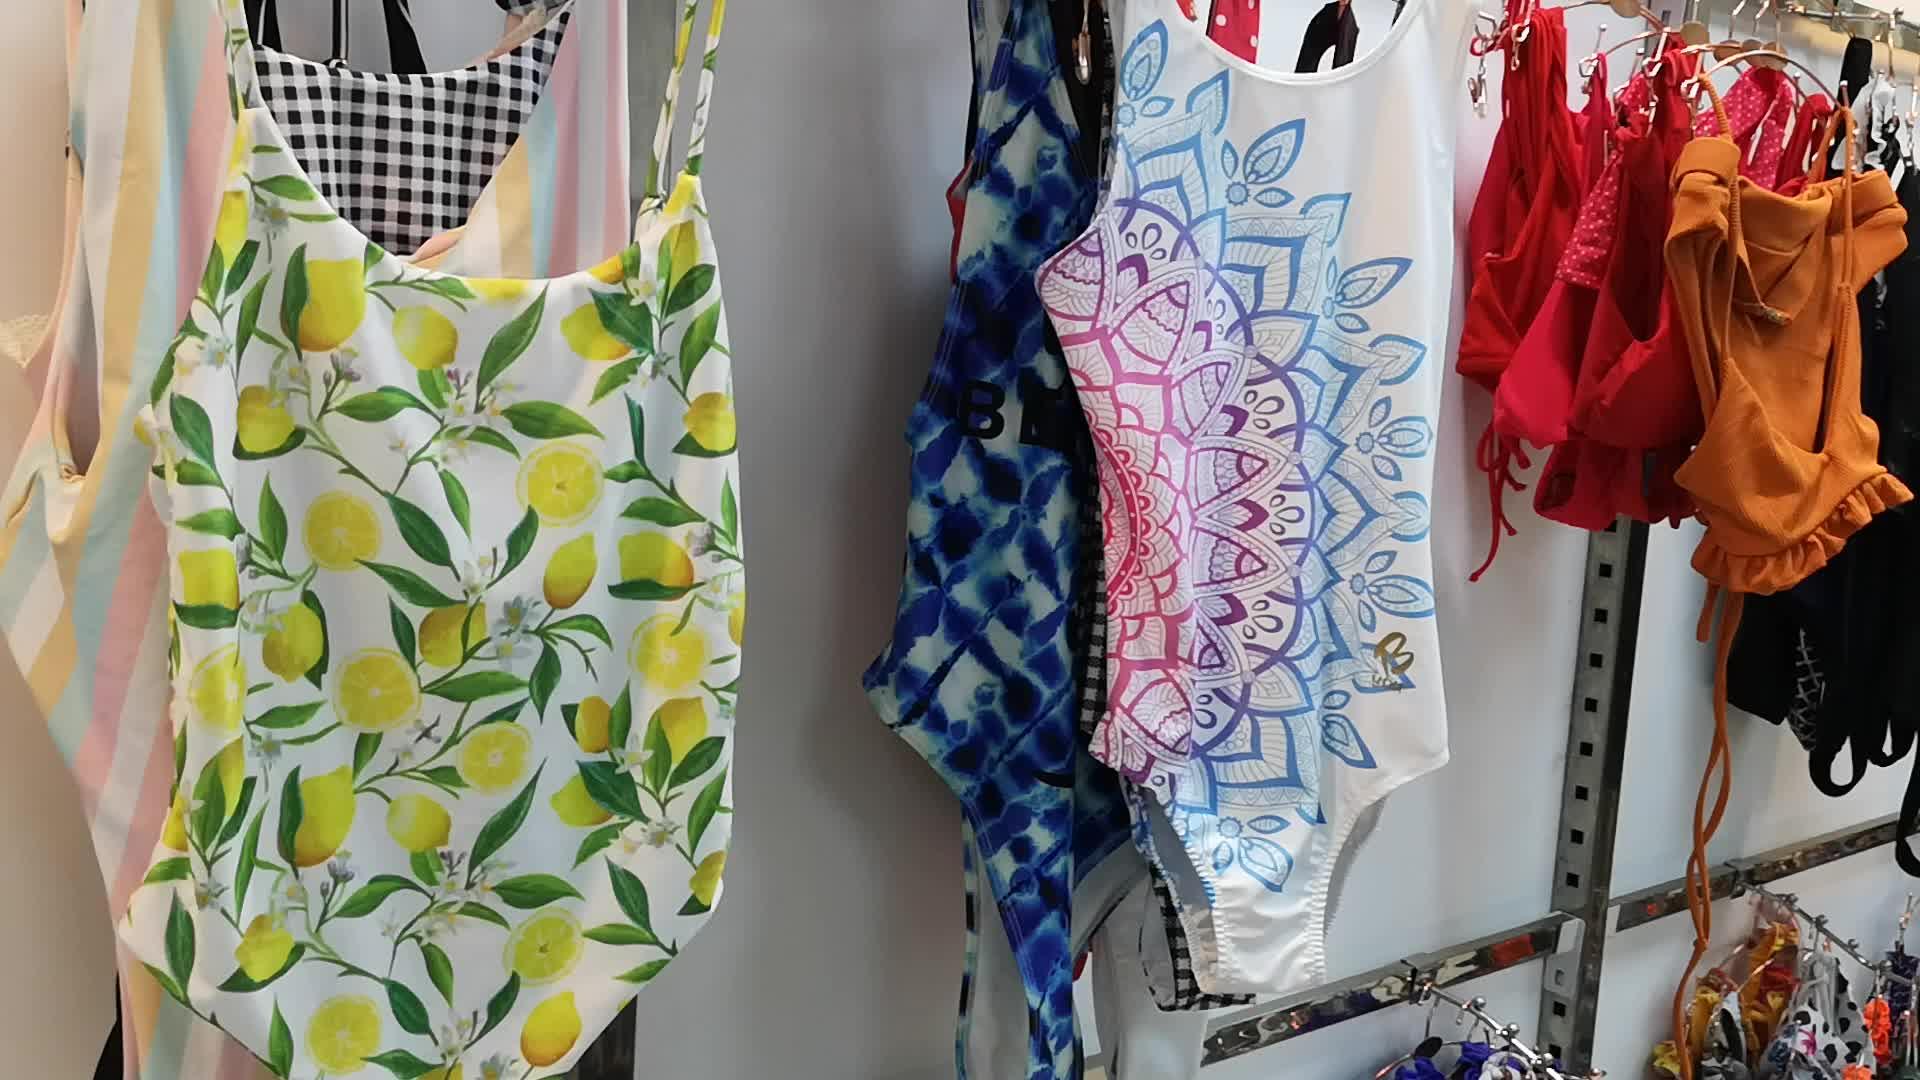 2019 कस्टम आकार चरम माइक्रो पेटी बिकनी swimwear के गर्म सेक्सी किशोर लड़की सुपर मिनी पारदर्शी बिकनी